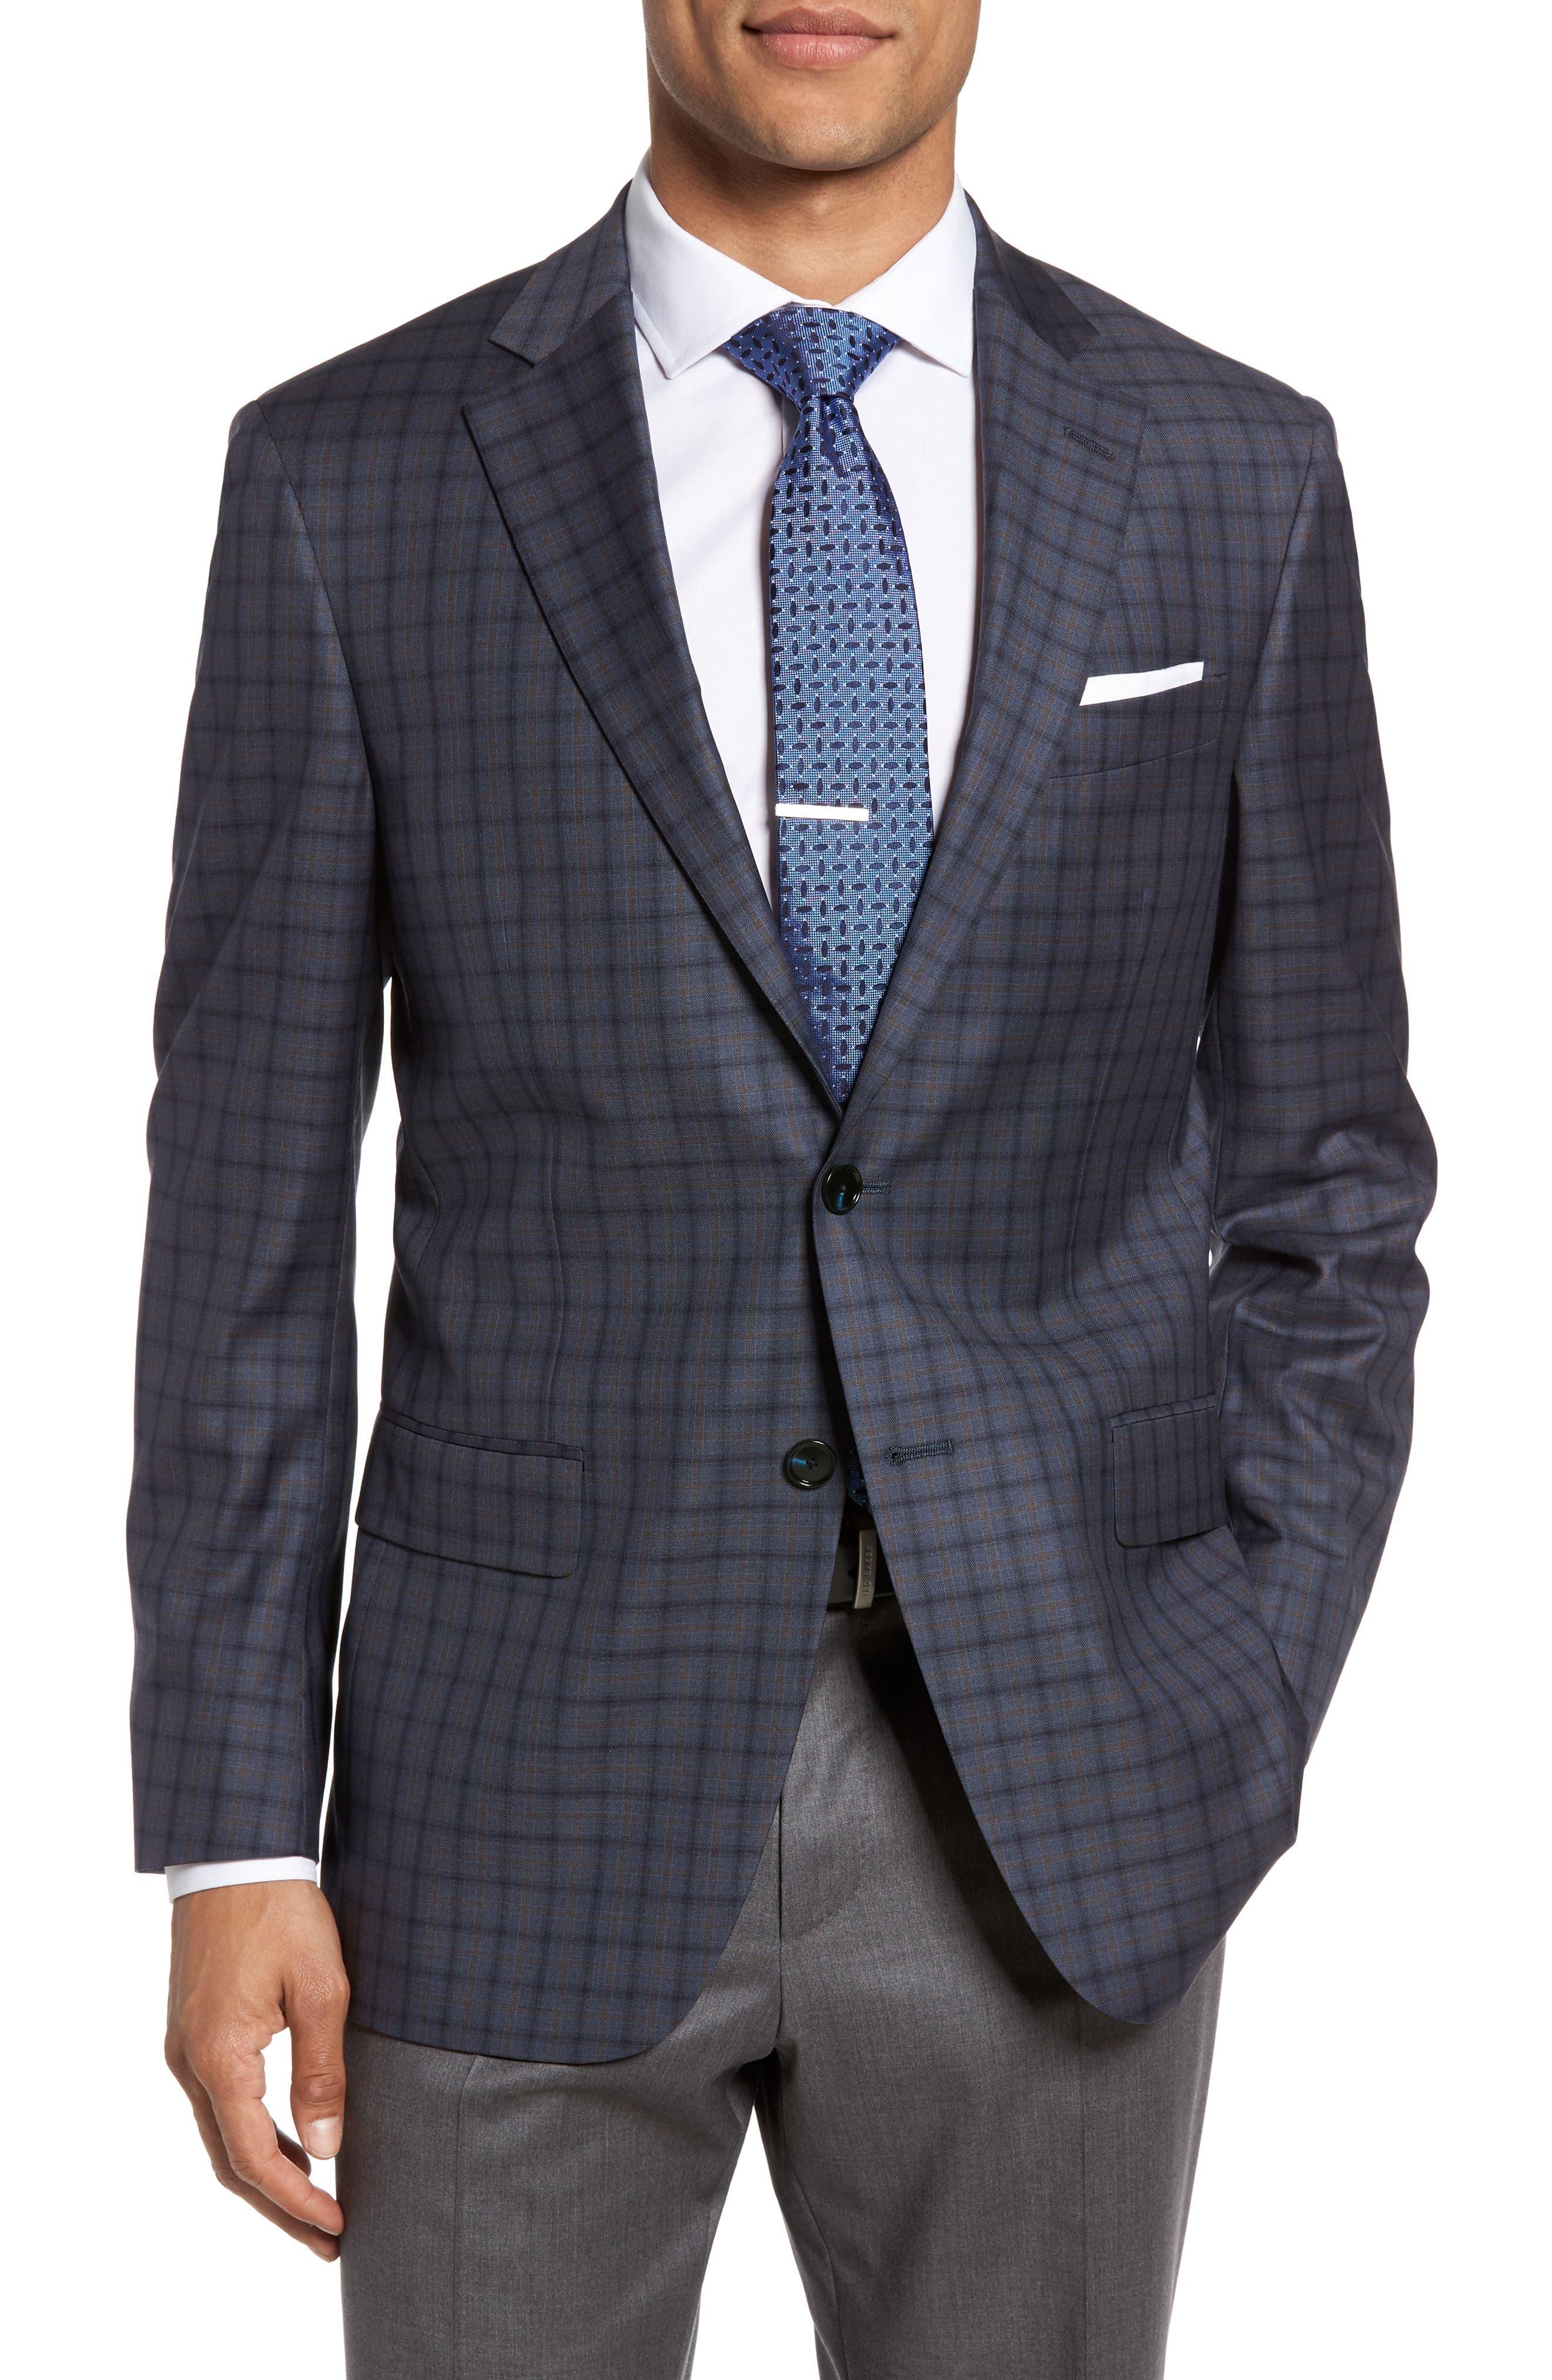 Blazers & Sport Coats for Men | Nordstrom | Nordstrom